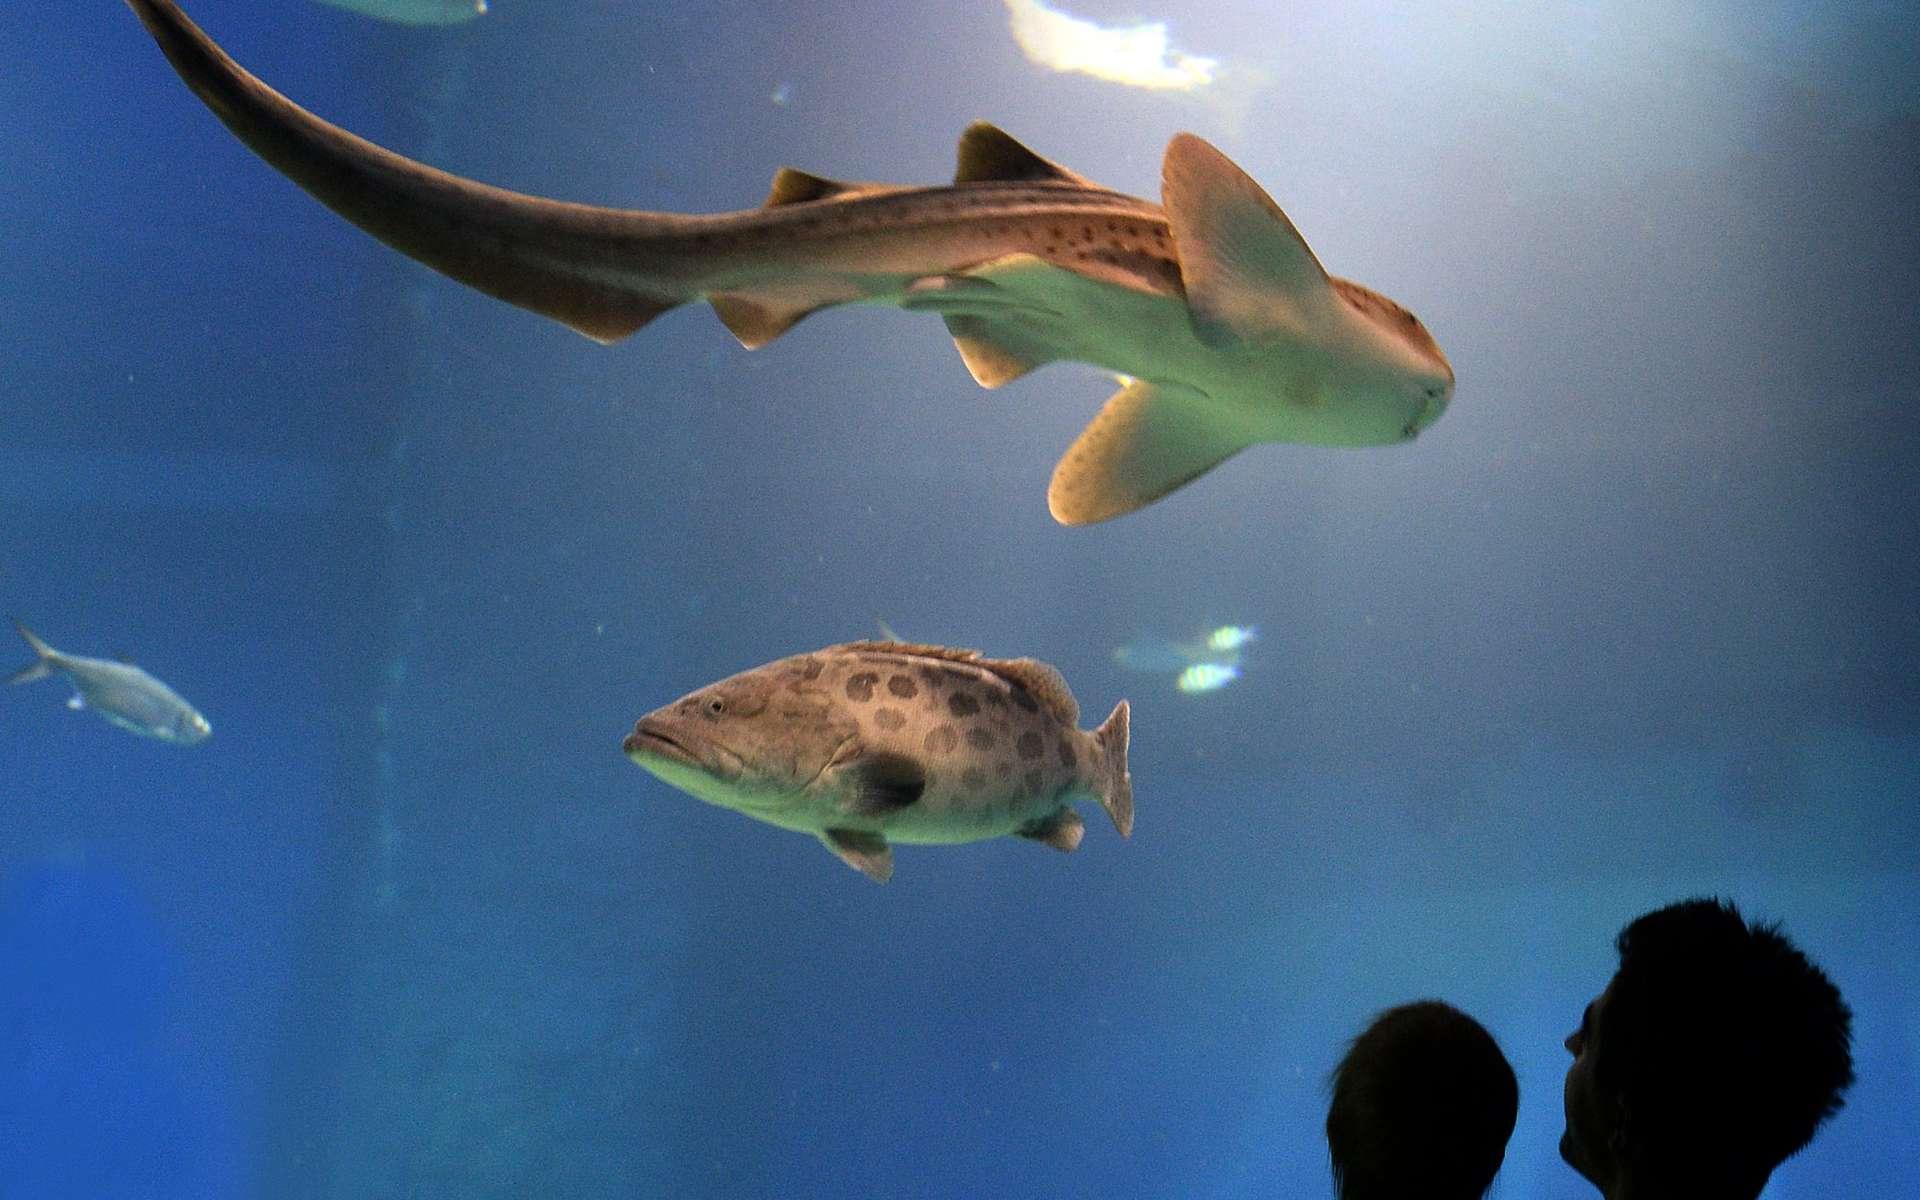 L'océan sera-t-il un jour un habitat supplémentaire pour des humains en surnombre ? Au Japon, l'idée est prise au sérieux. © AFP Photo, Janek Skarzynski